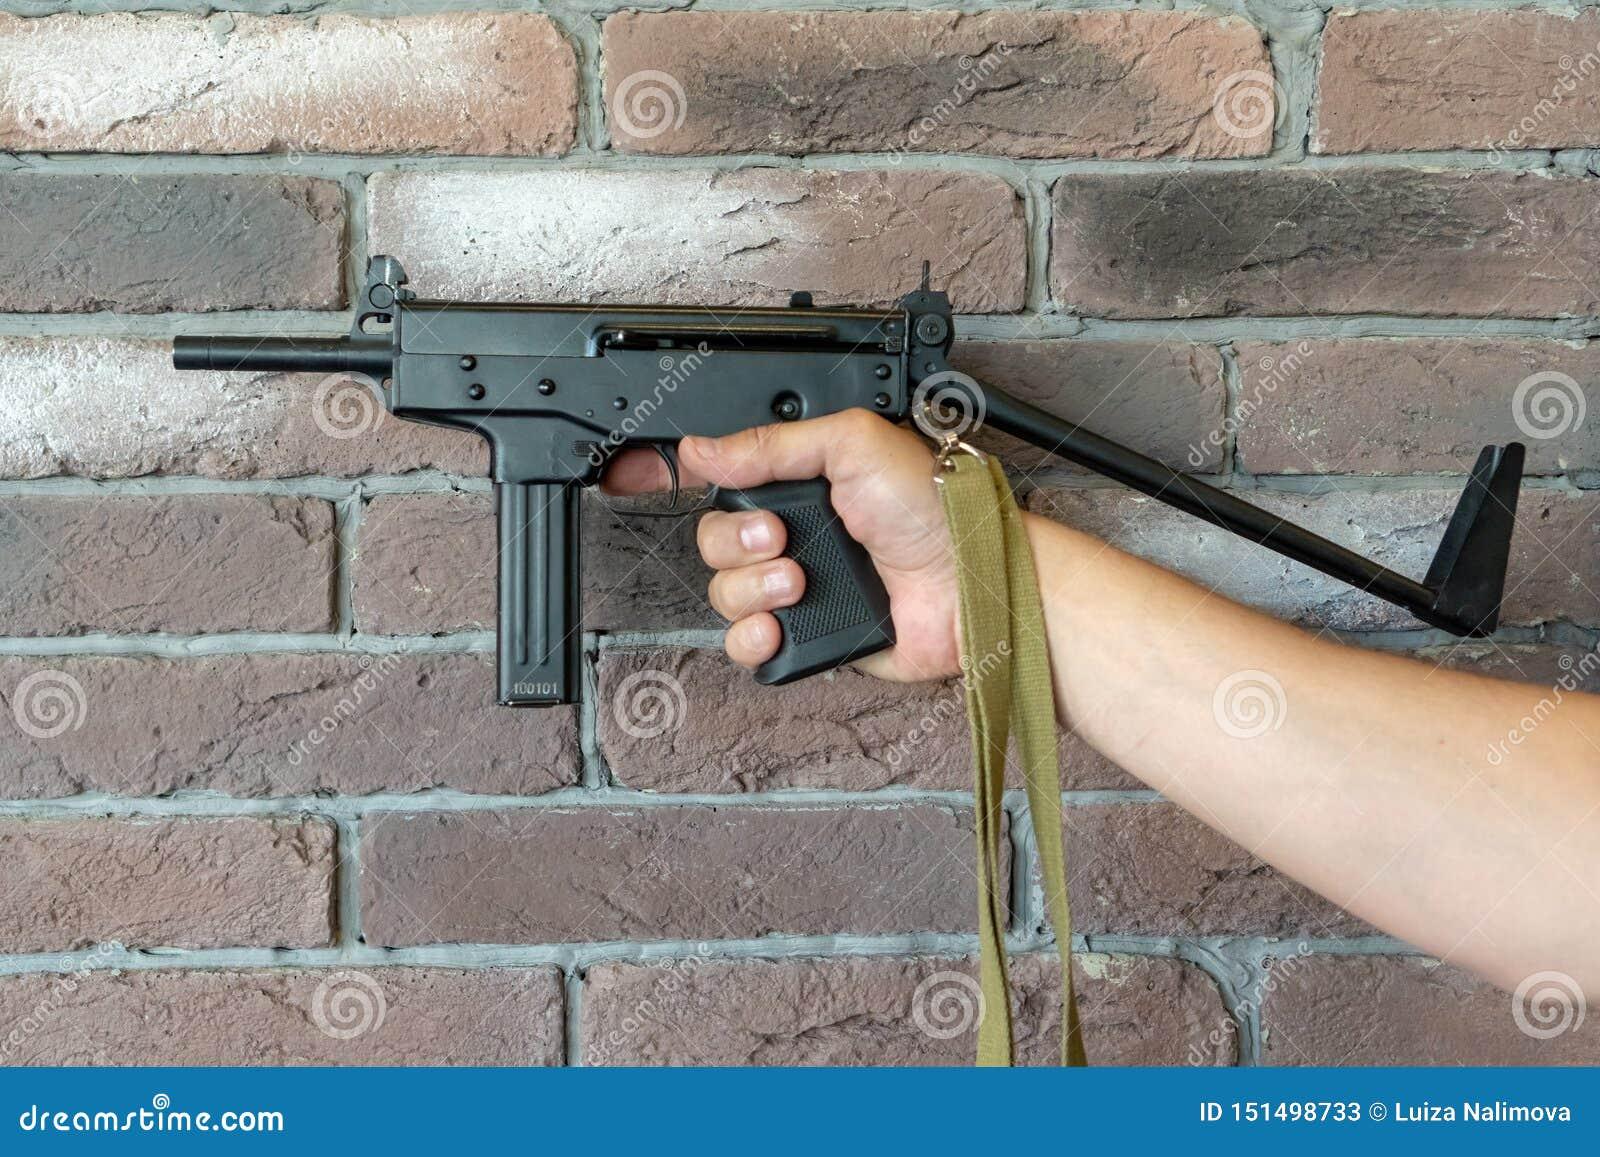 Mitragliatrice leggera di PP-91 Kedr Un uomo tiene una mitragliatrice in sua mano sui precedenti di un muro di mattoni marrone